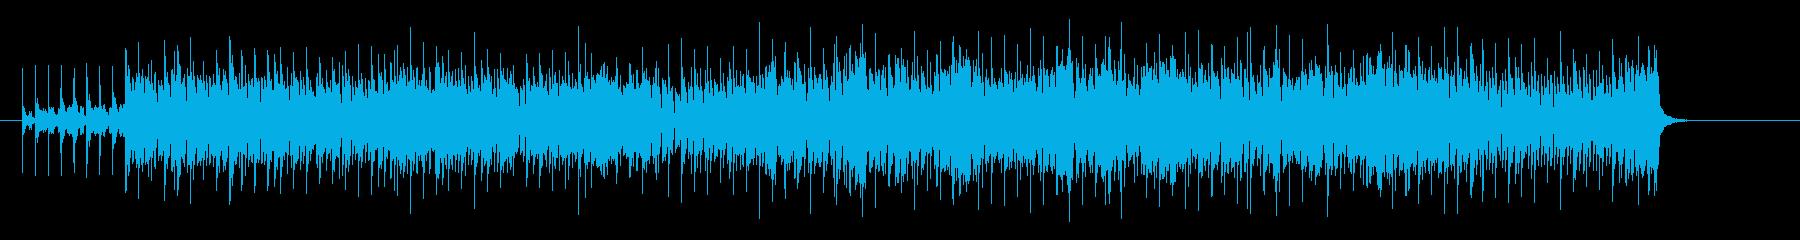 ラテン風味のユーロ・ハウス調の再生済みの波形